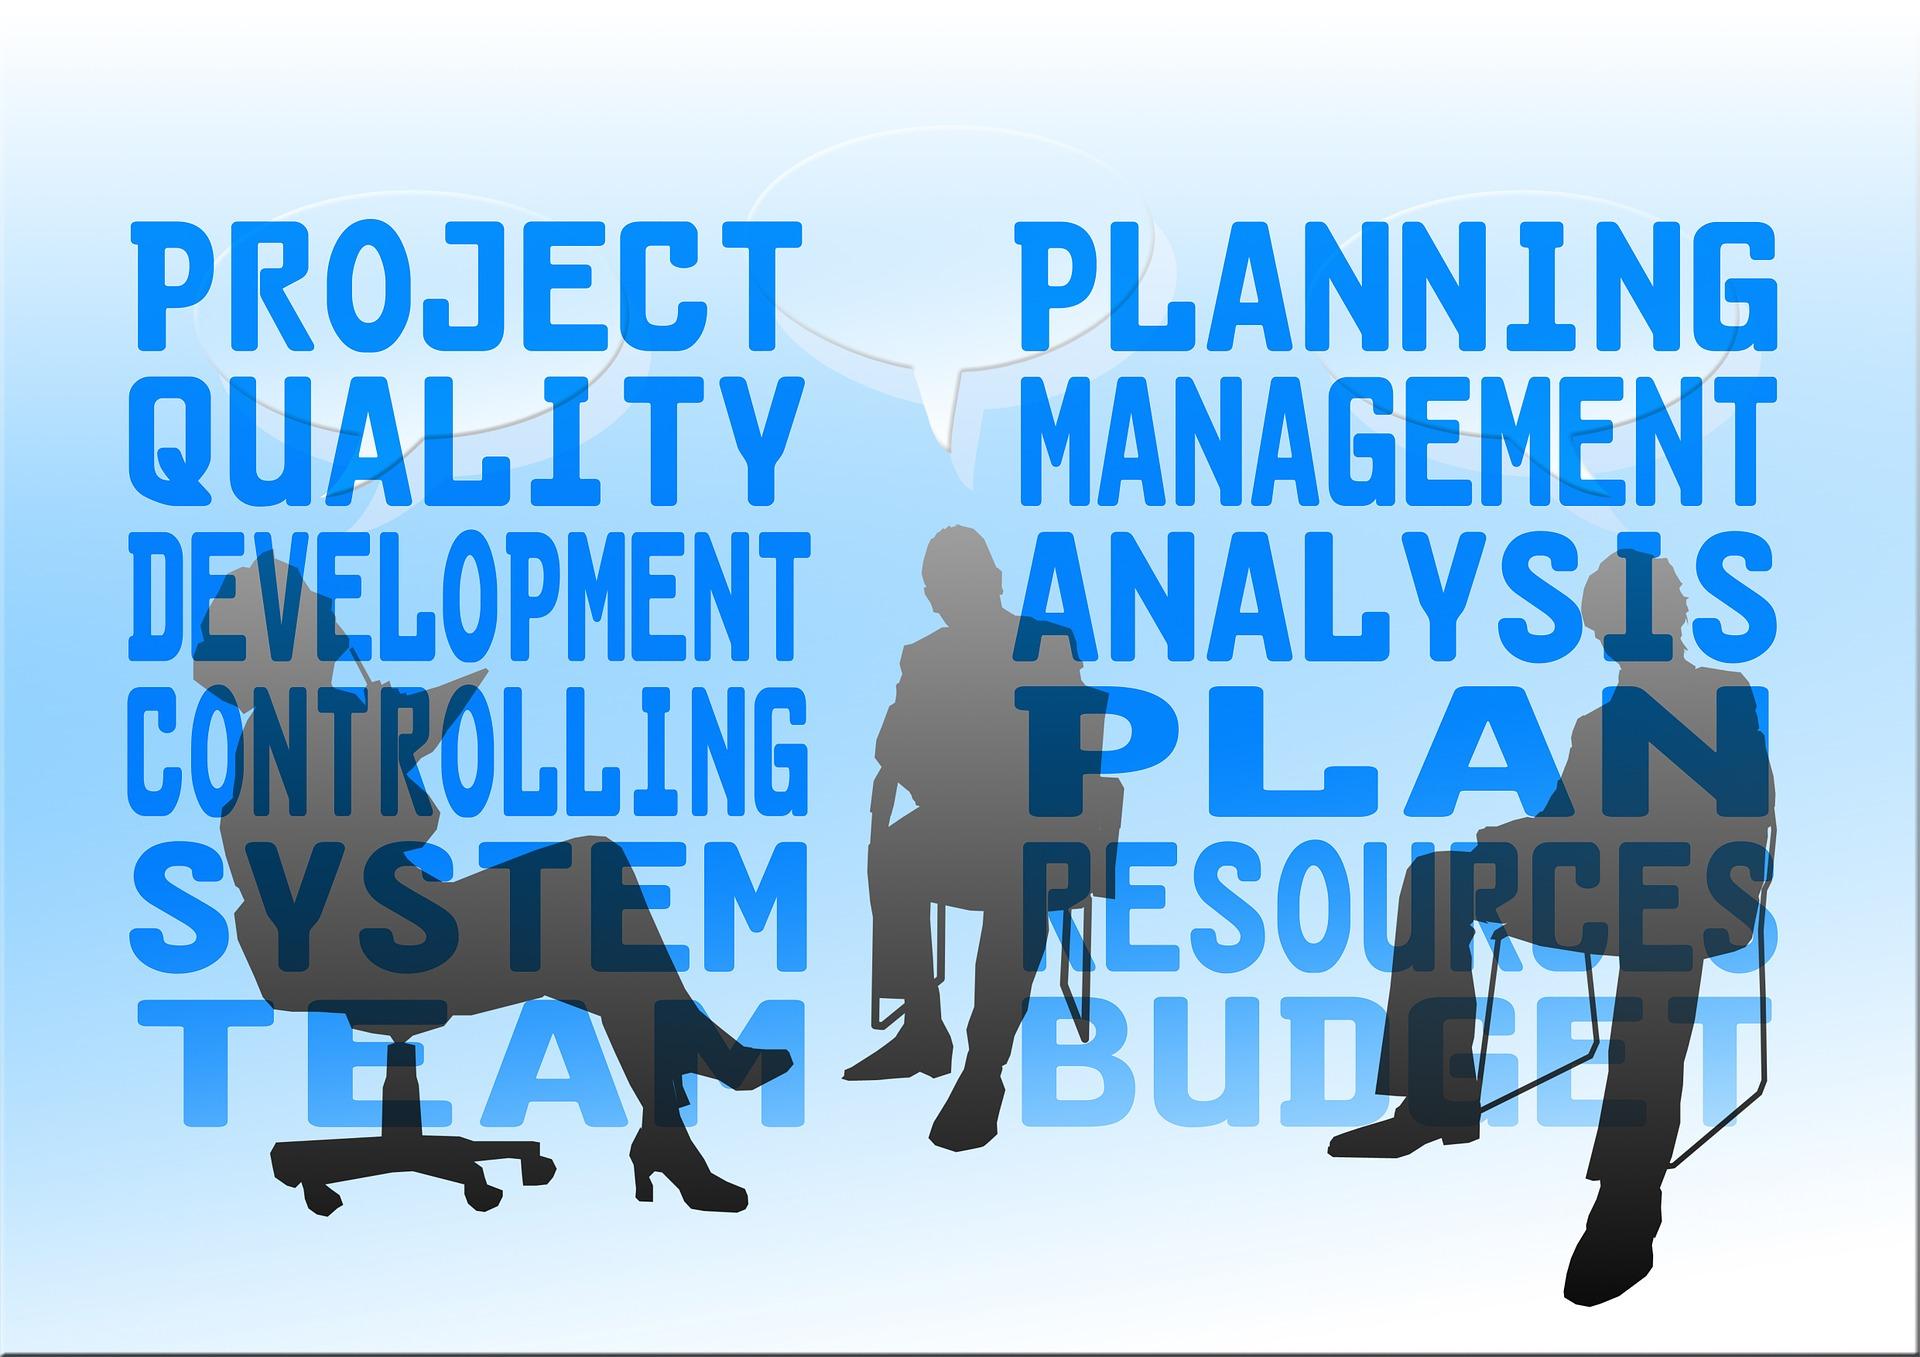 フリーランス・自営業・個人事業主、異なる3つの呼称を使い分ける